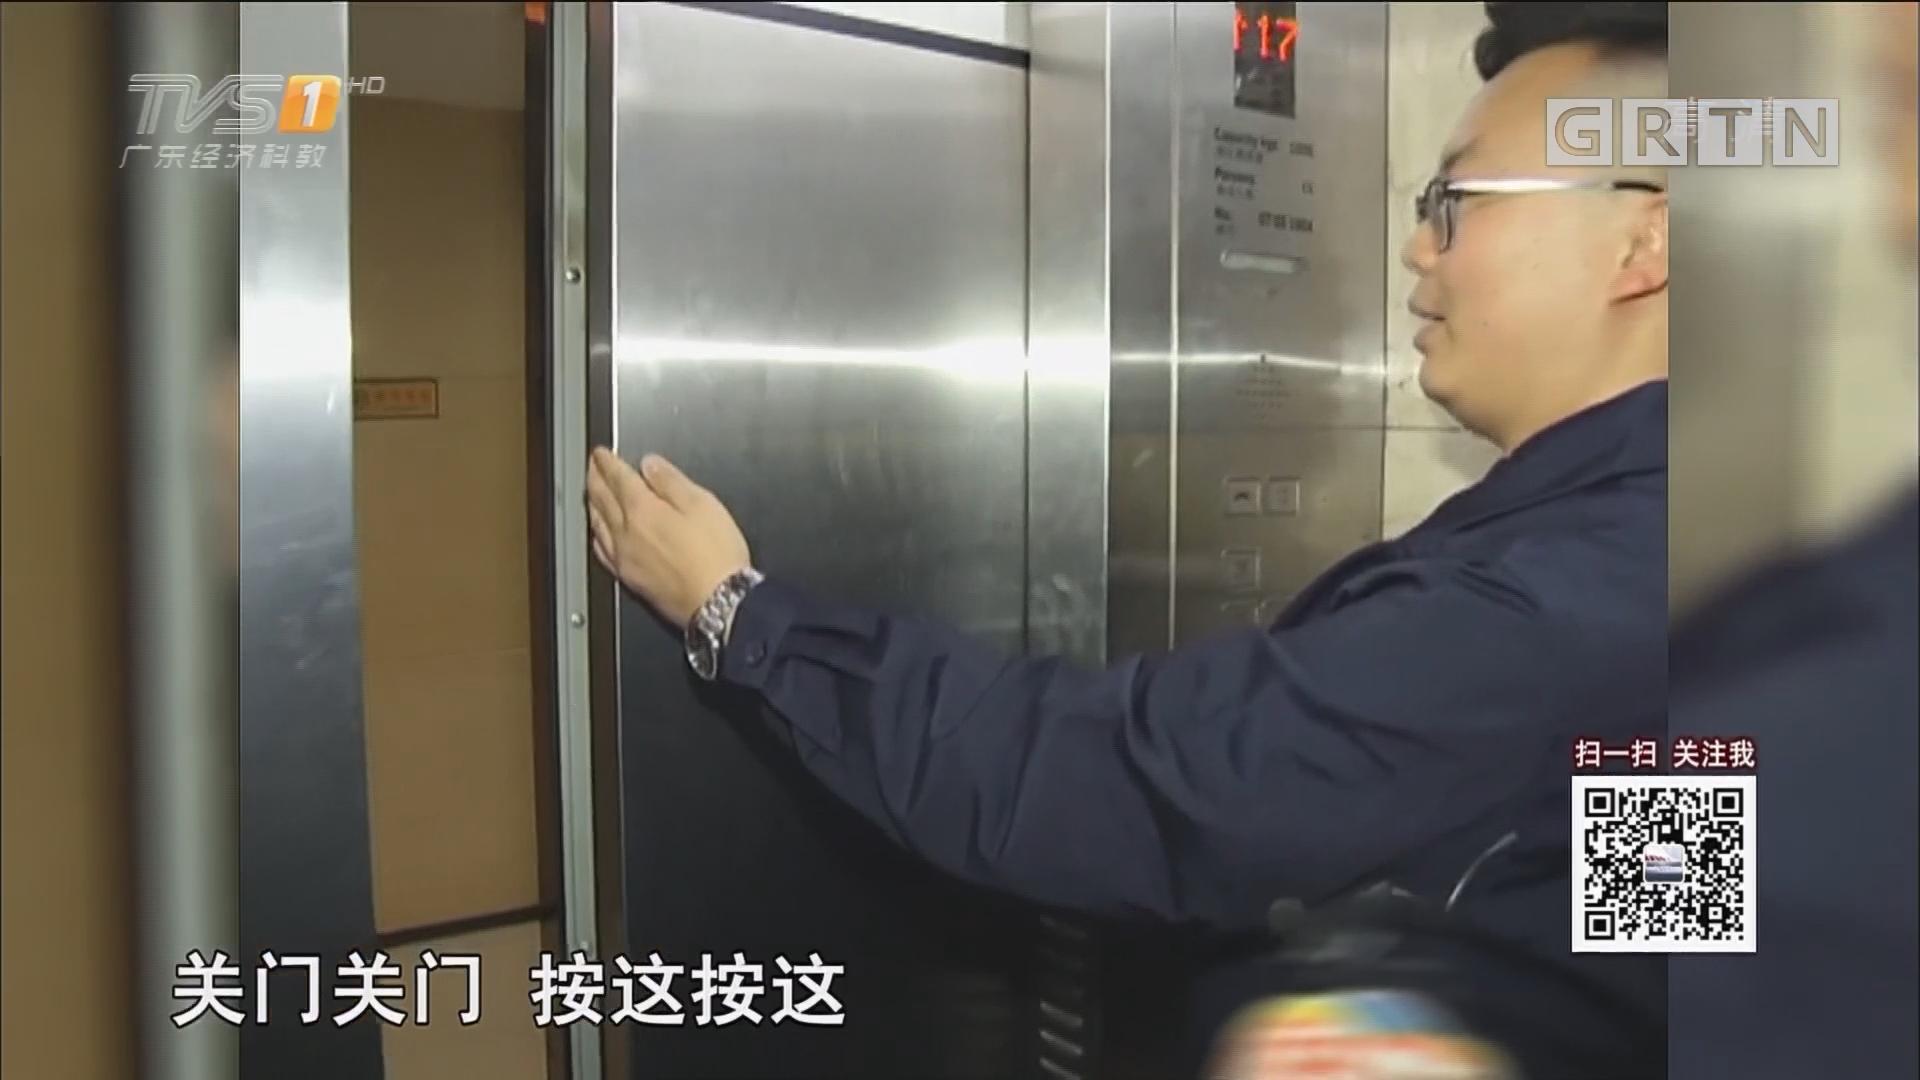 记者实验:用手拦电梯门 后果可能很严重!